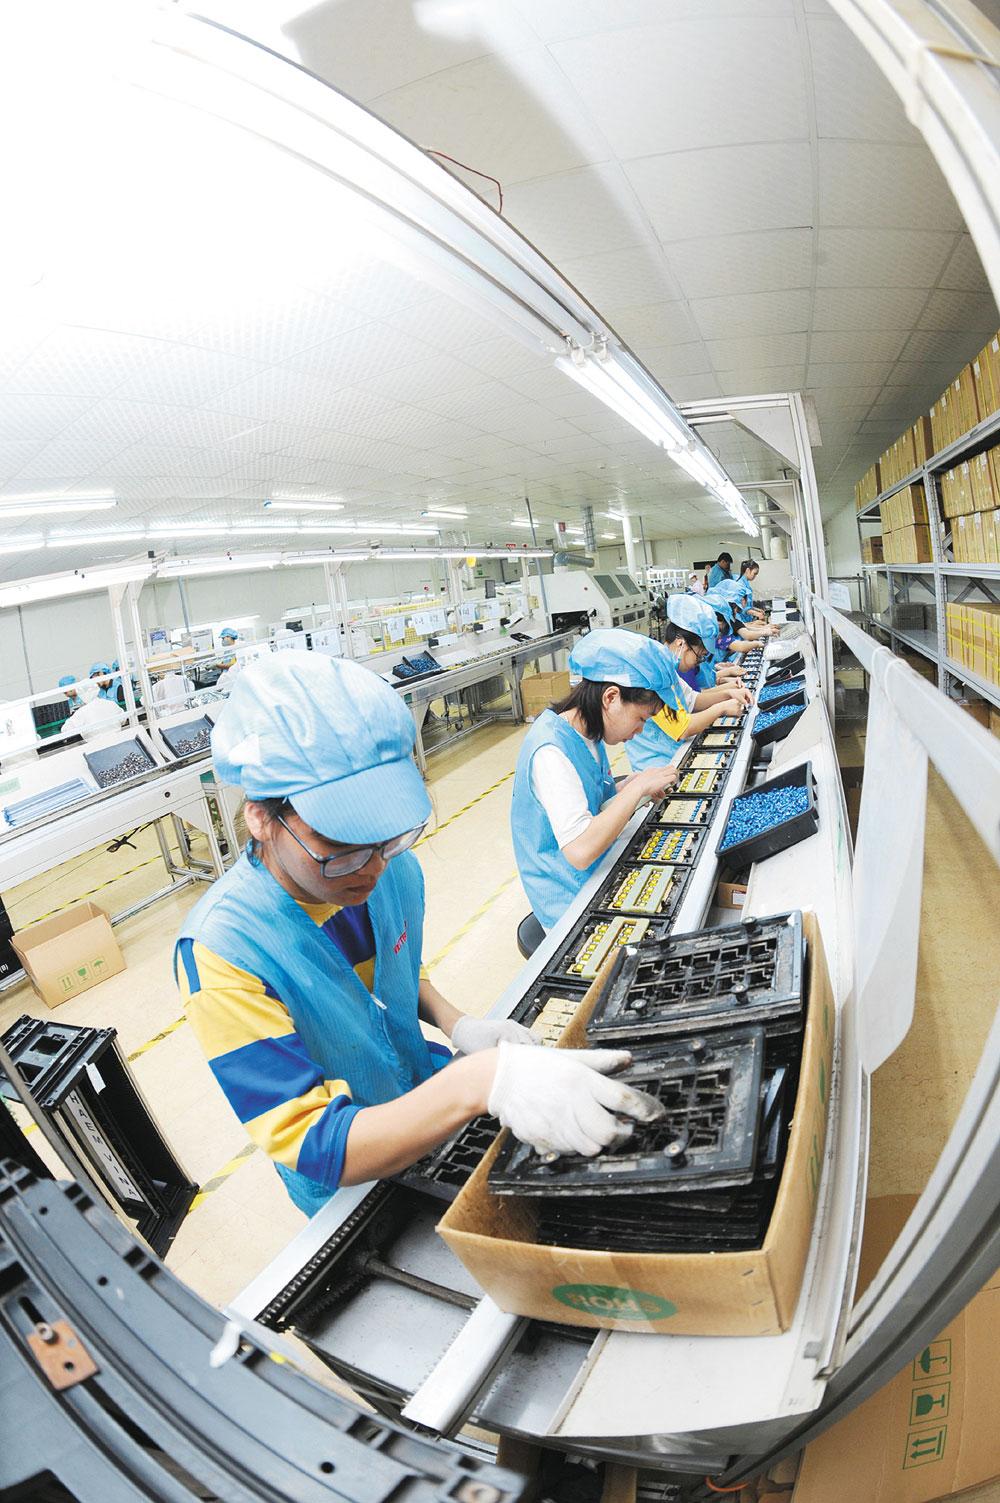 Bước tiến, cải thiện, môi trường đầu tư, kinh doanh,, Bắc Giang